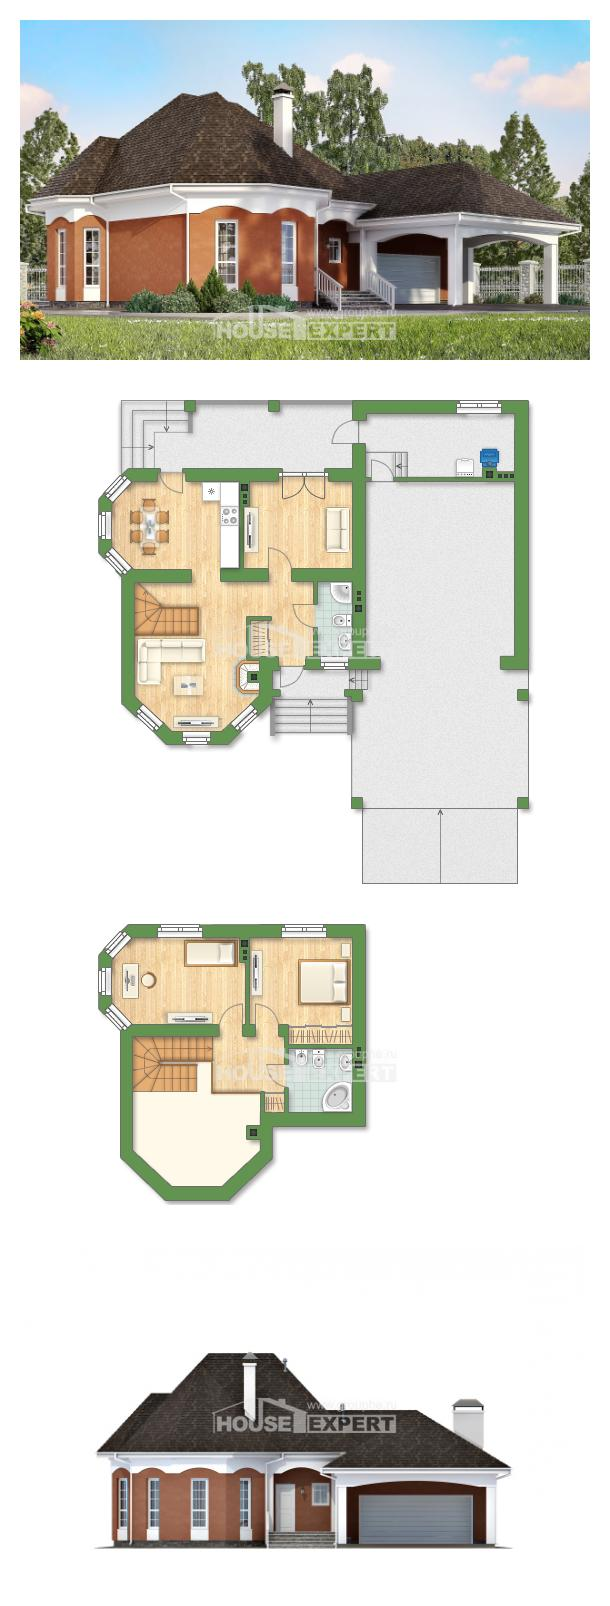 Proyecto de casa 180-007-R | House Expert